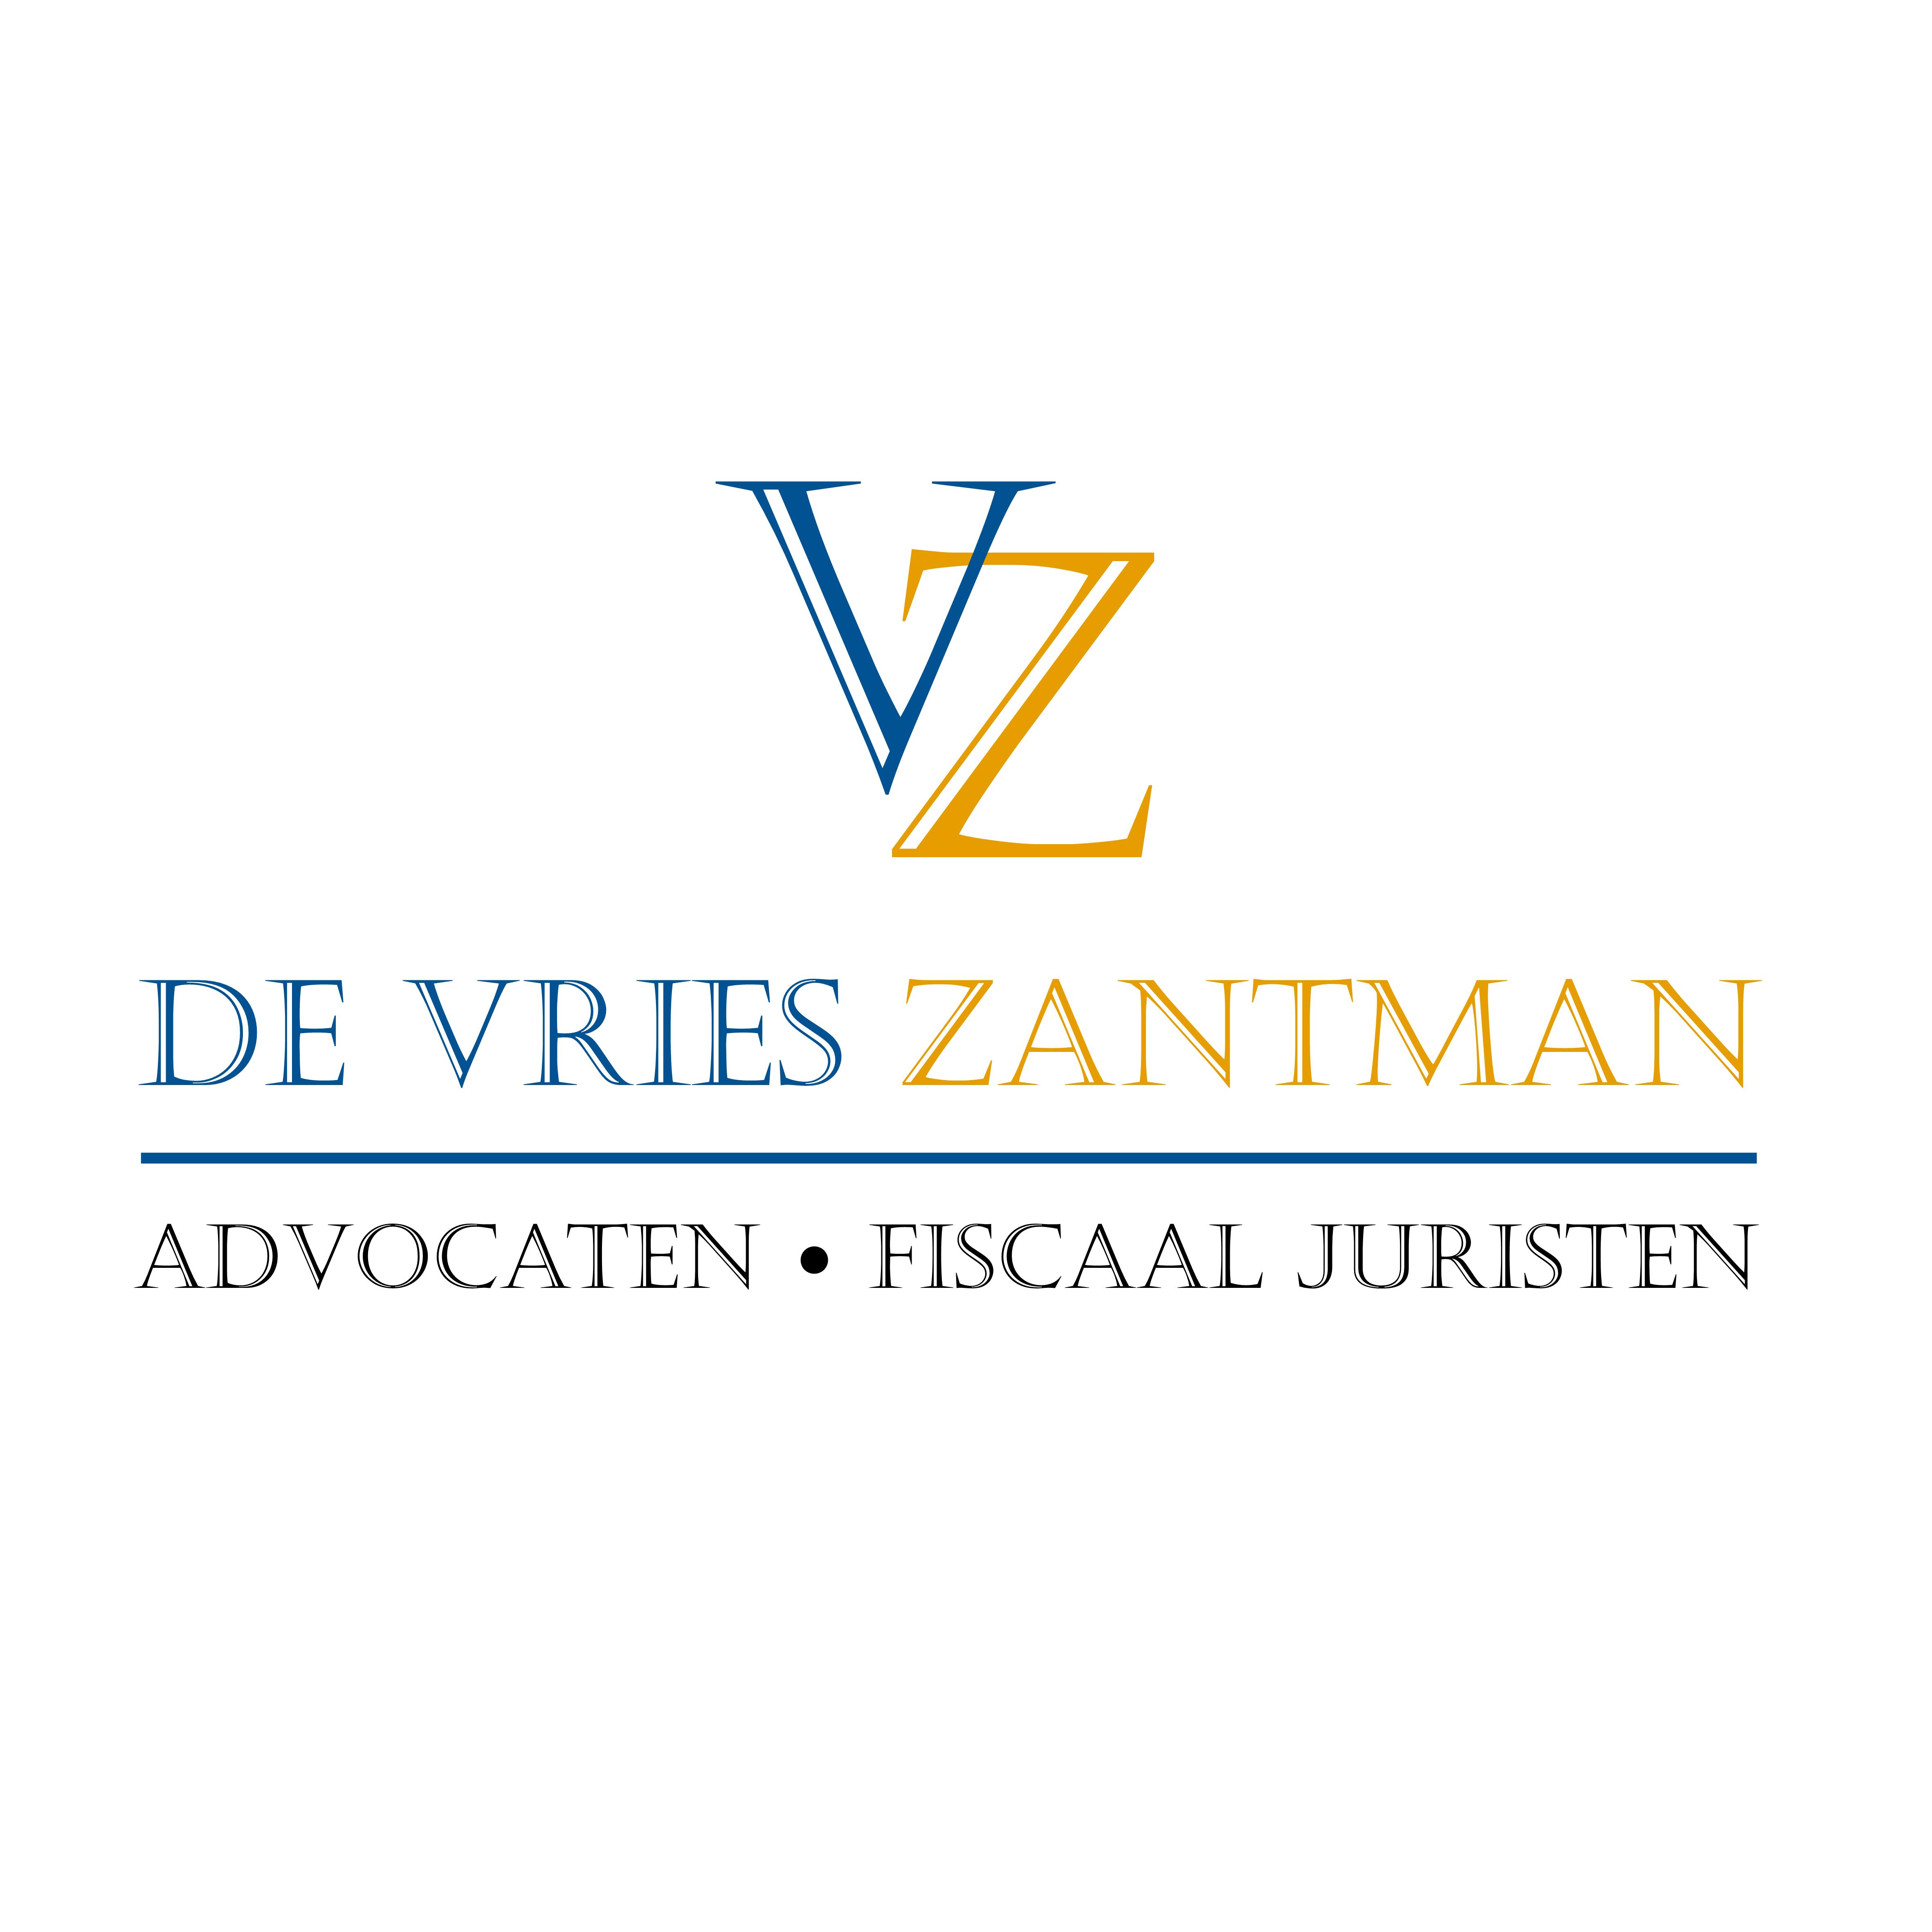 De Vries Zantman Advocaten